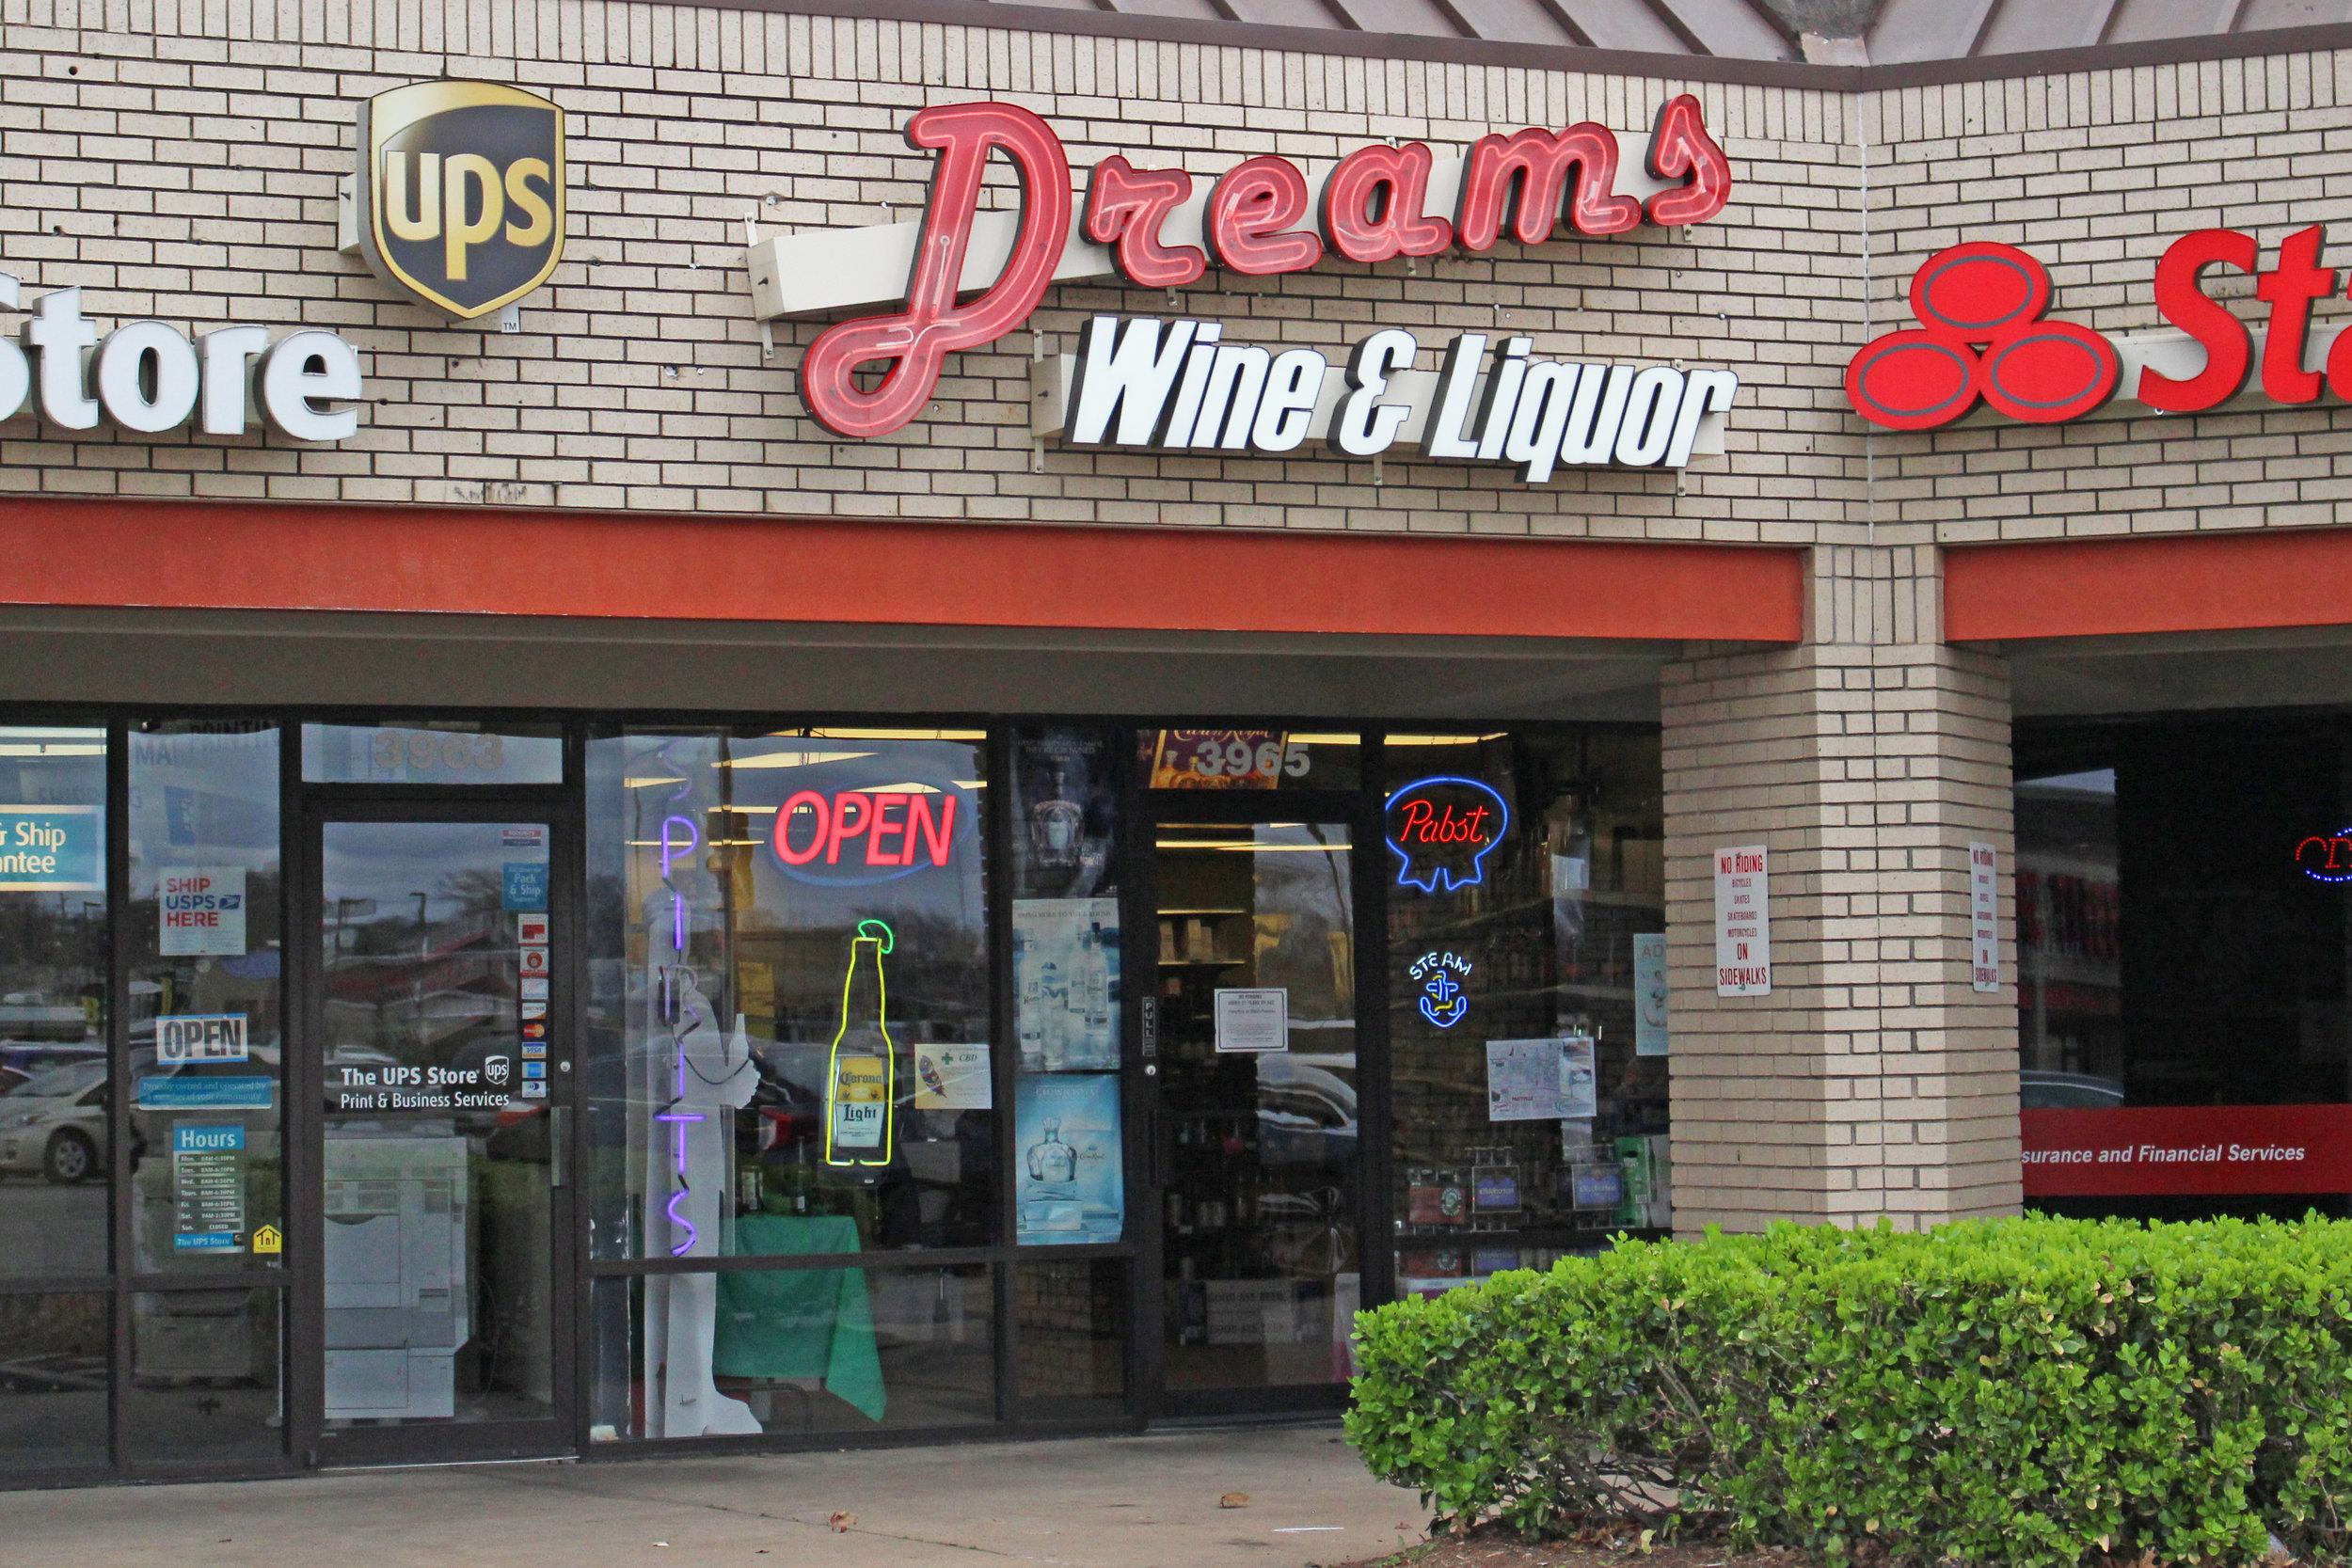 dreams wine & Liquor - springs village 3965 South highway 97